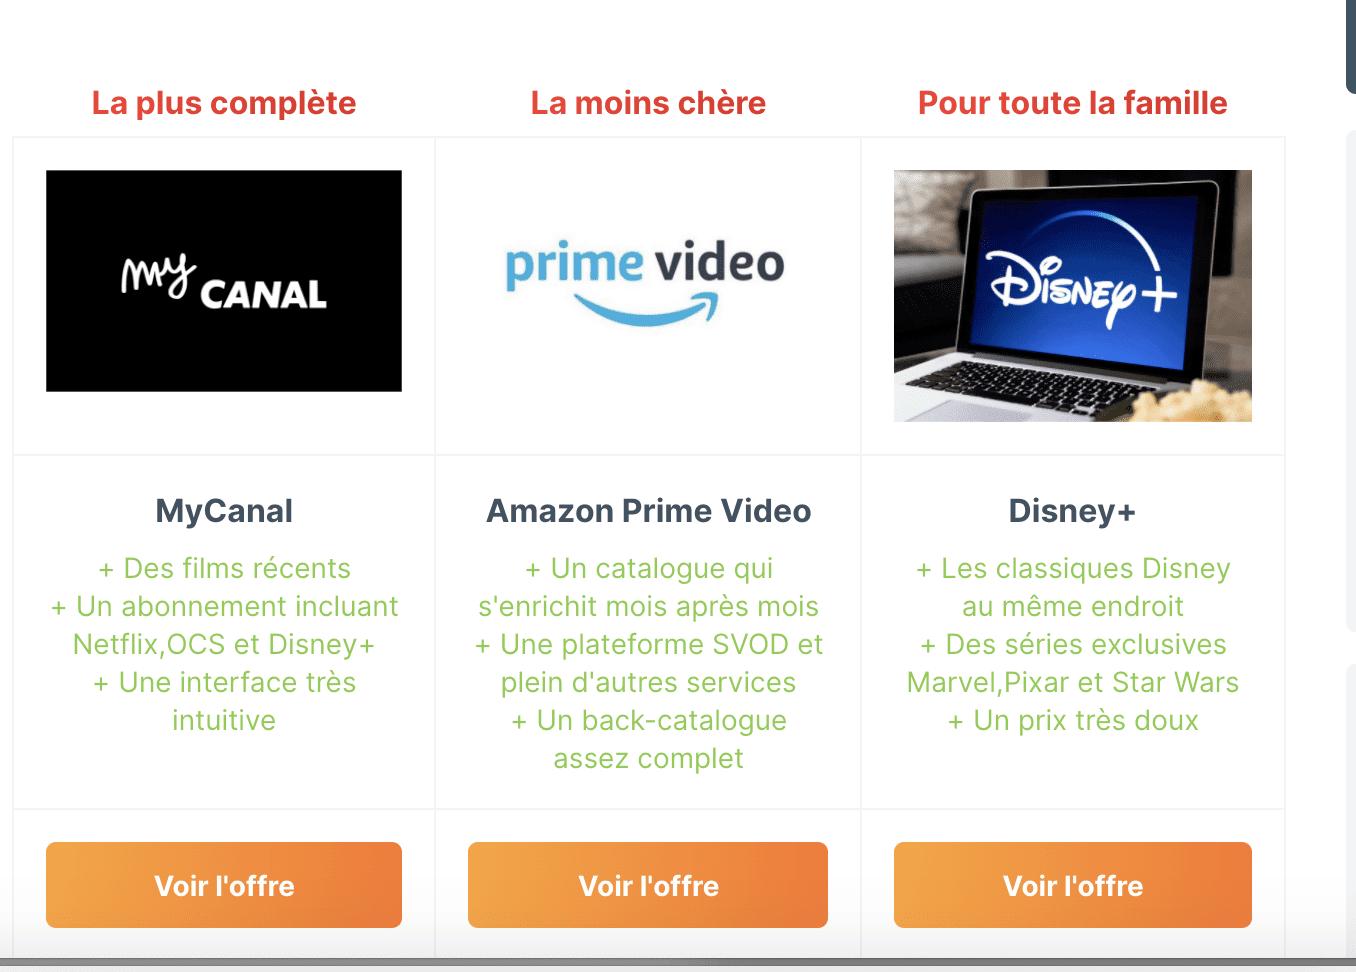 Service de streaming : Le comparatif des meilleures offres SVOD en 2020